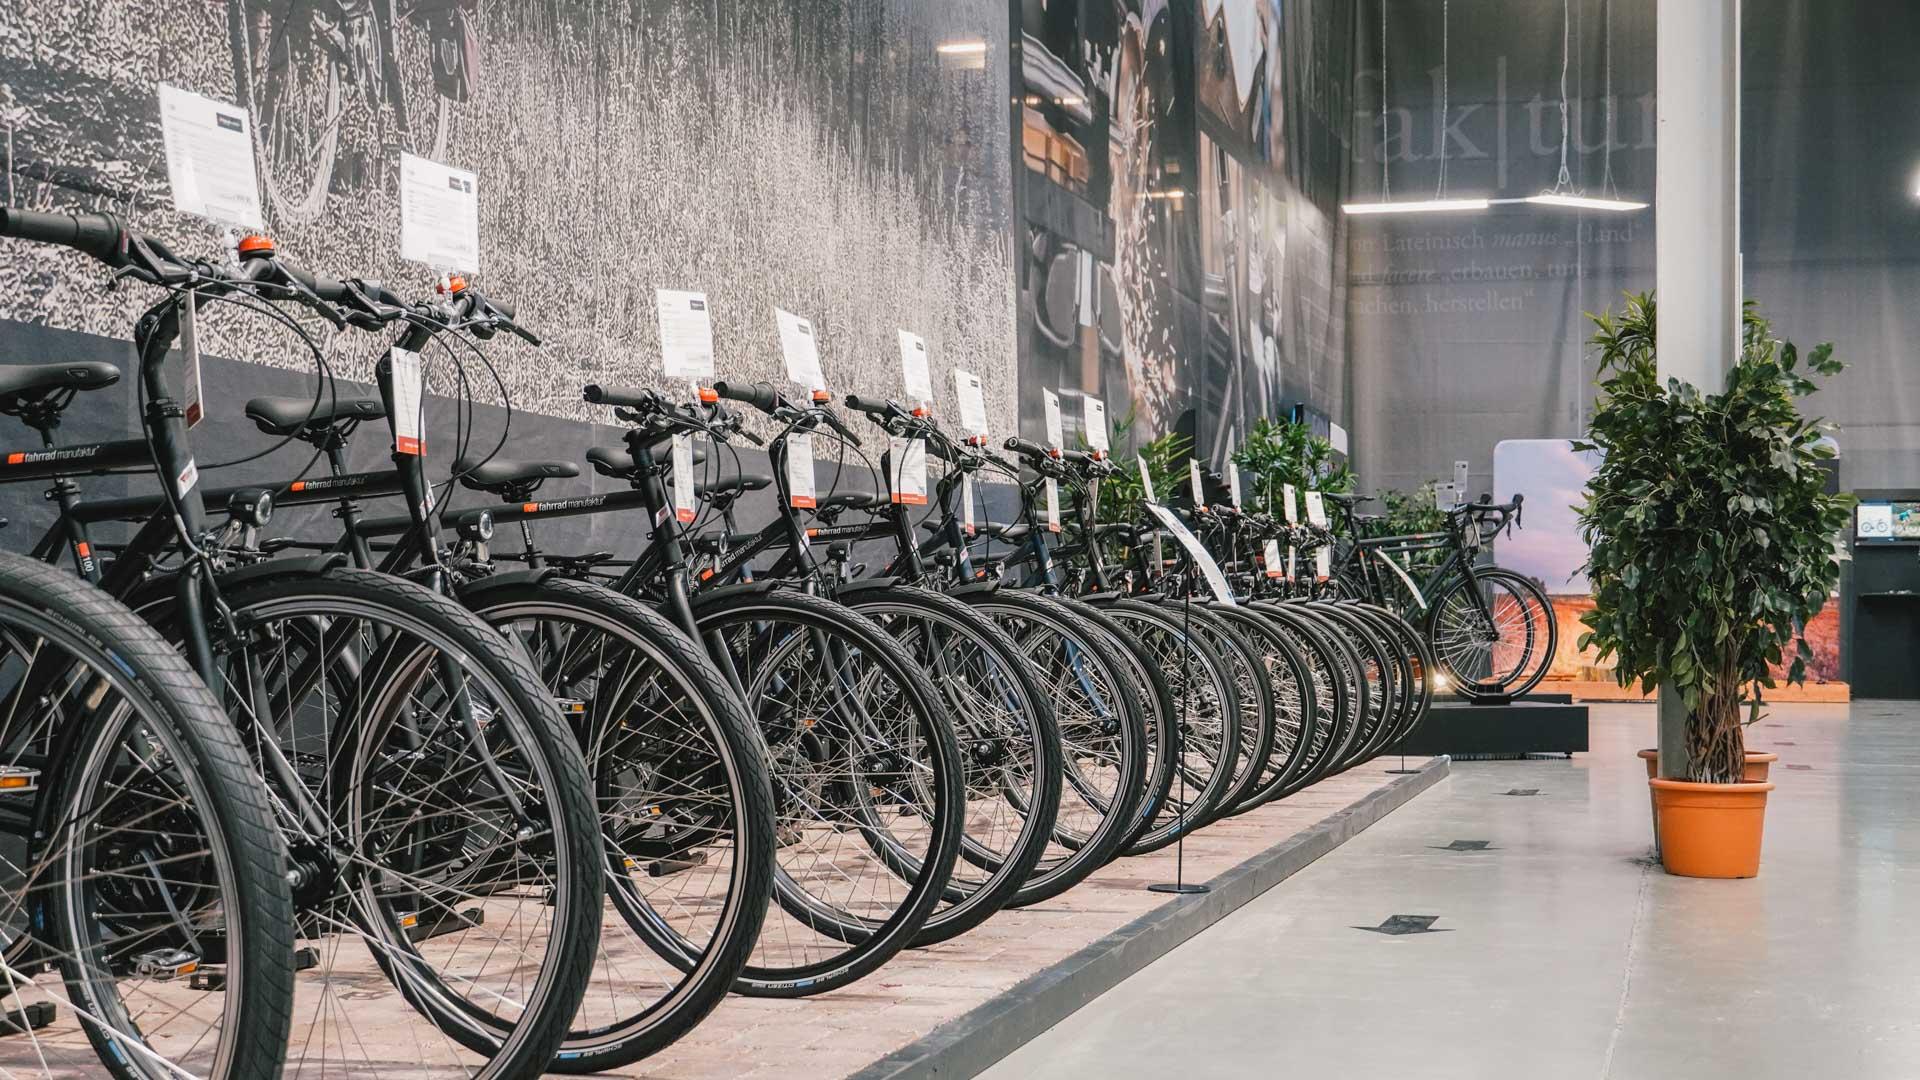 Fahrräder iin einer Reihe